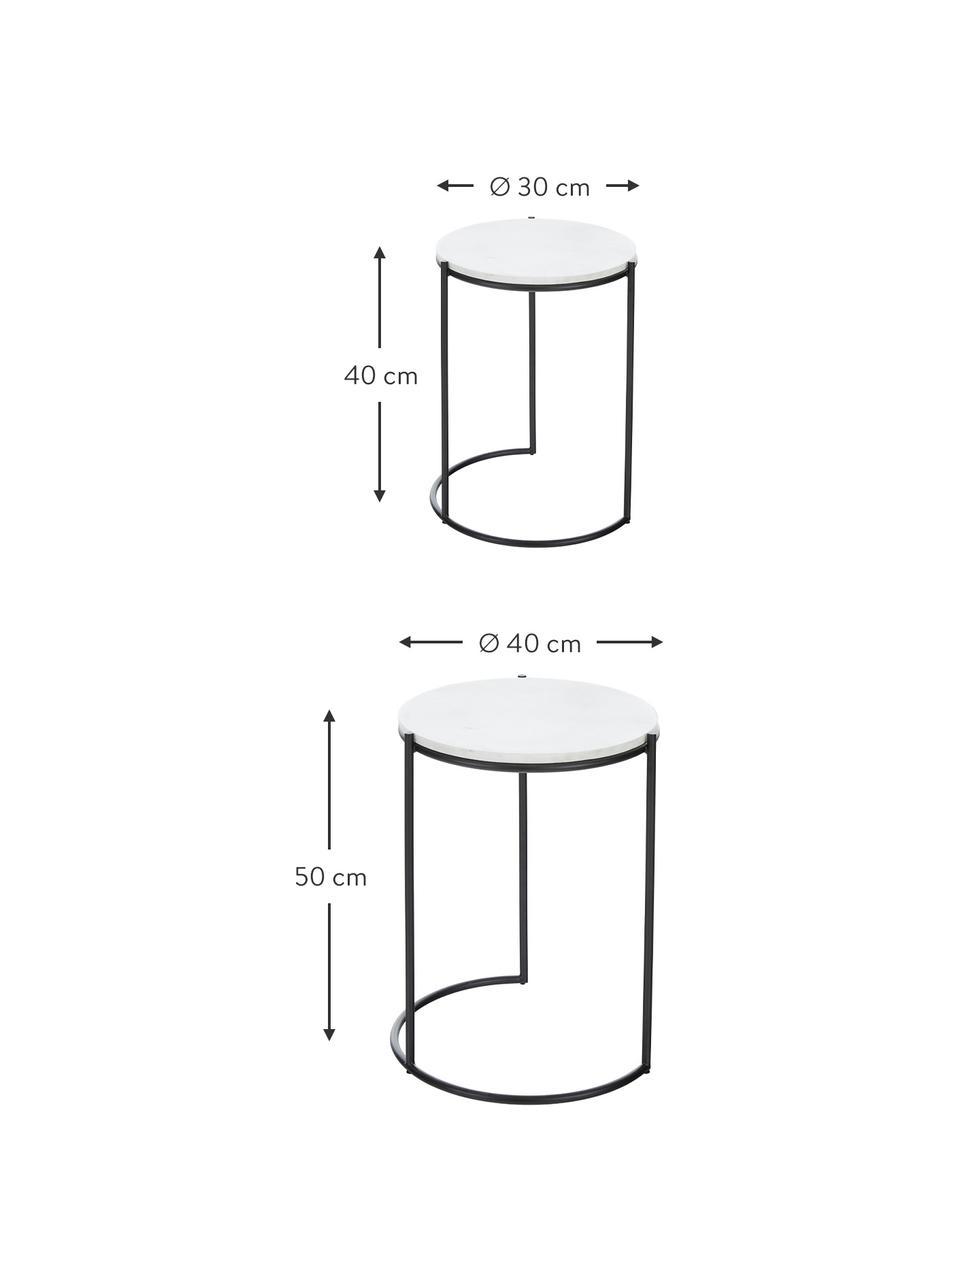 Komplet stolików pomocniczych z marmuru Ella, 2 elem., Biały marmur, czarny, Komplet z różnymi rozmiarami